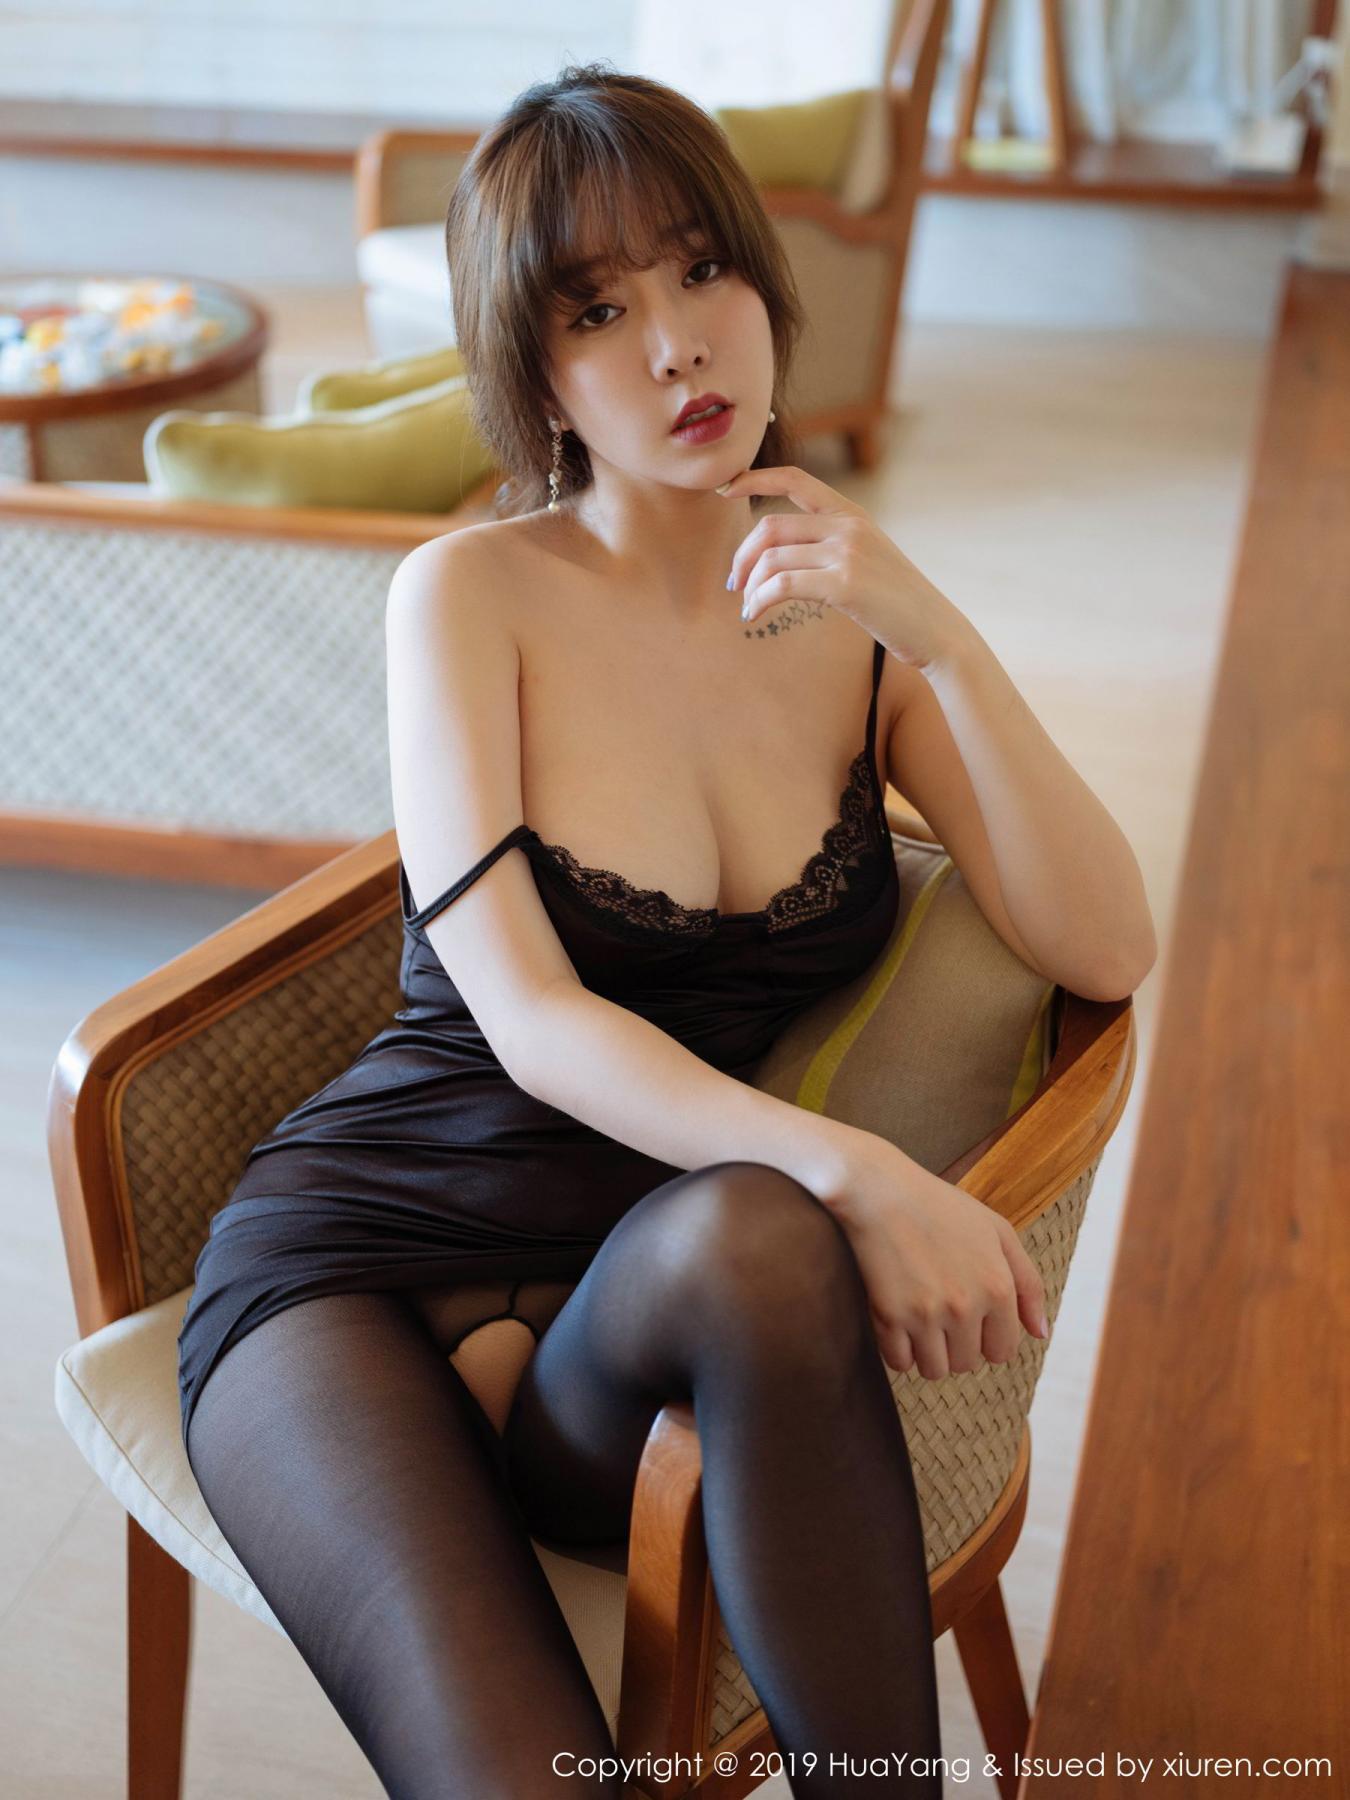 [Huayang] Vol.143 Wang Yu Chun 16P, Black Silk, HuaYang, Tall, Wang Yu Chun